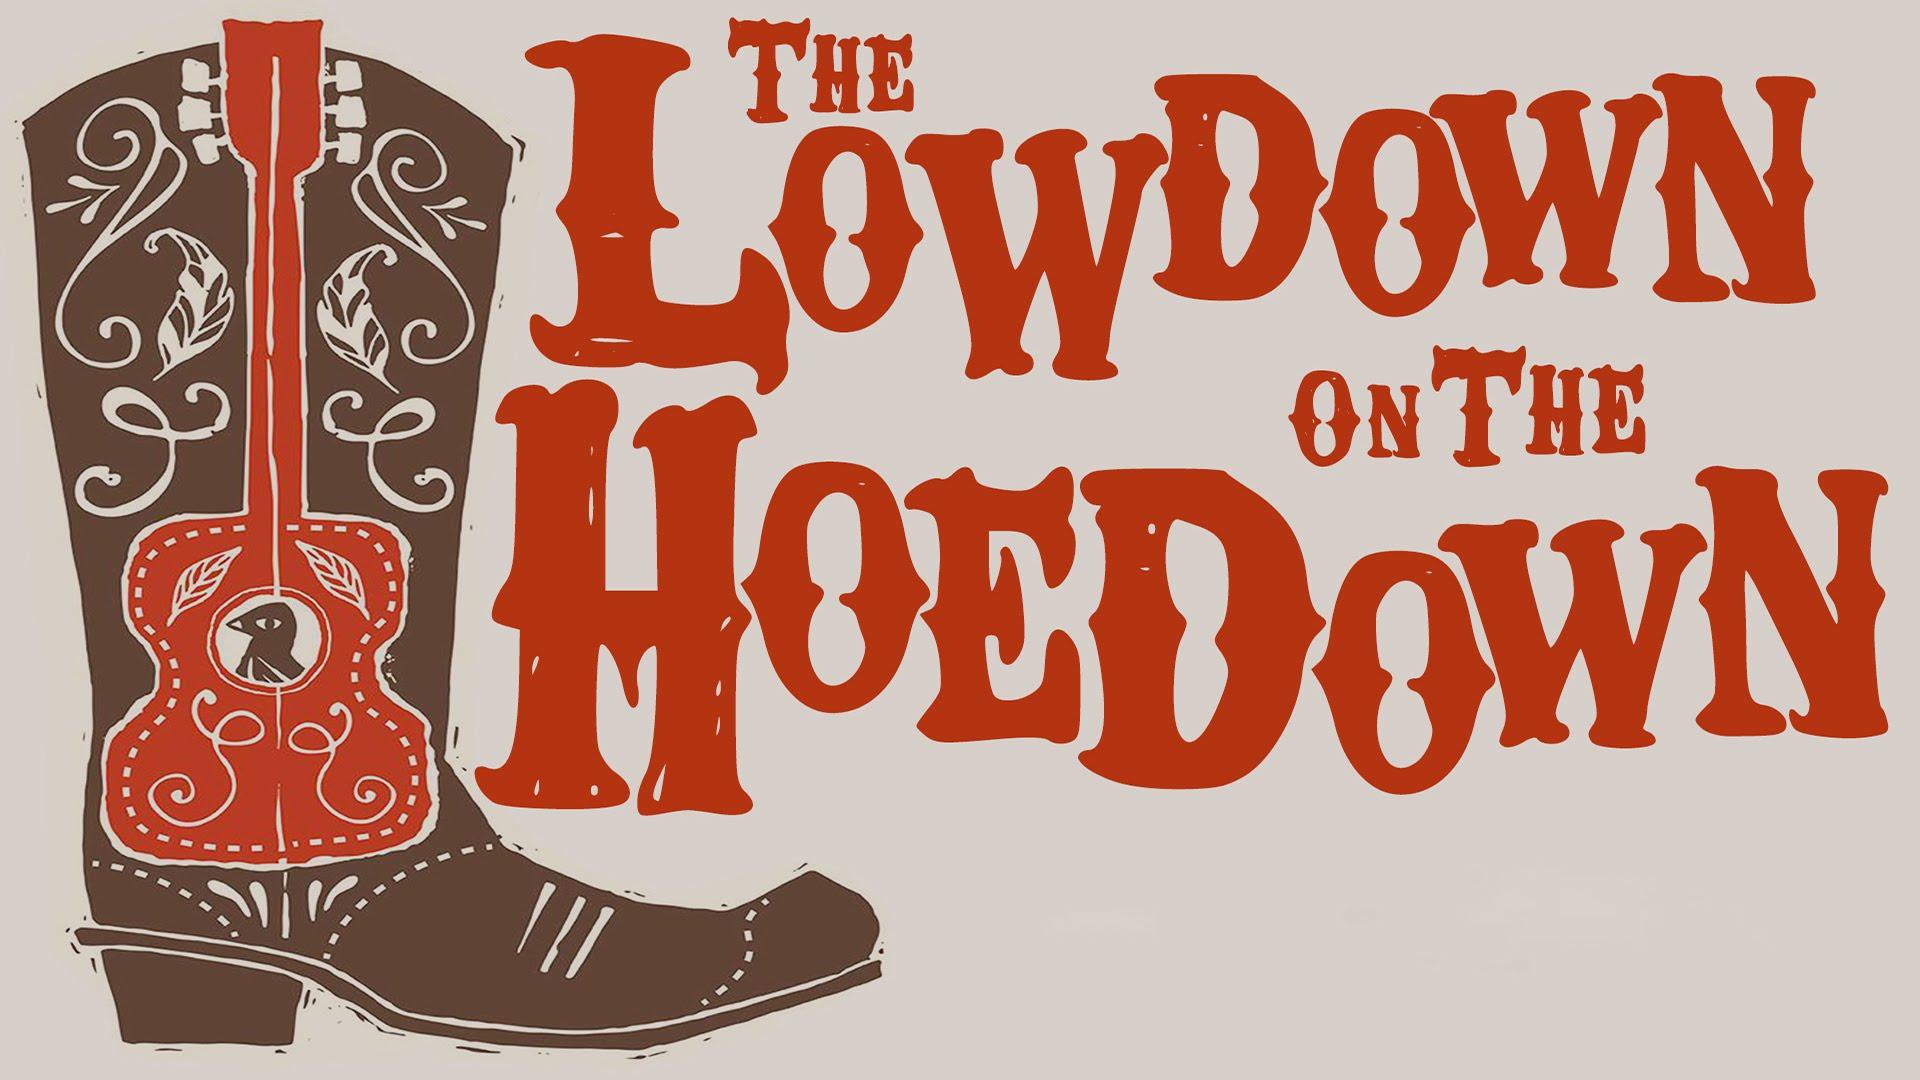 Annual Ho-Ho-Hoedown